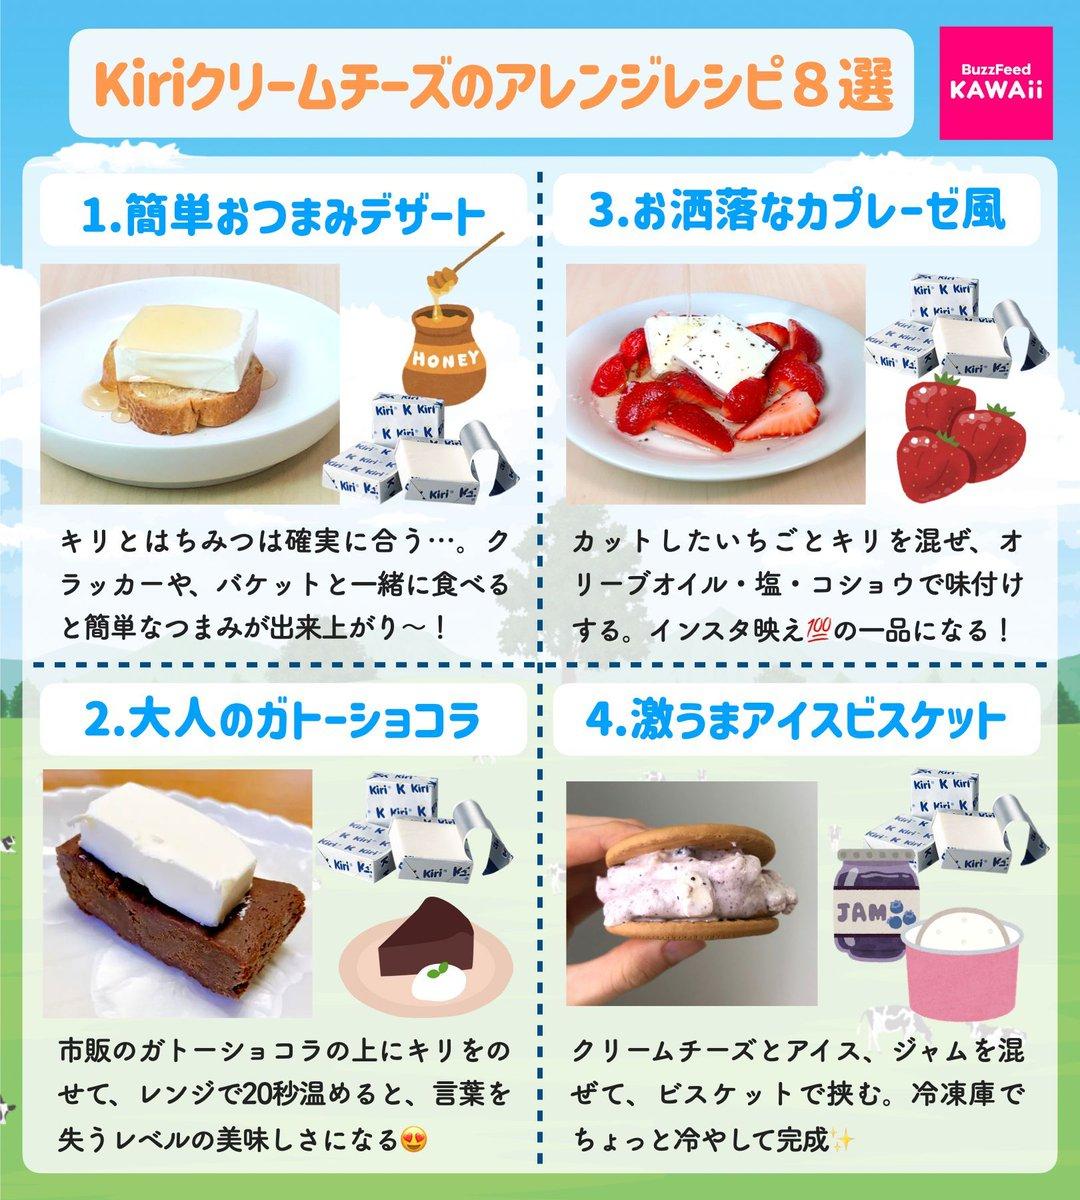 どれも美味しそう!「Kiriクリームチーズ」のアレンジレシピ8選!